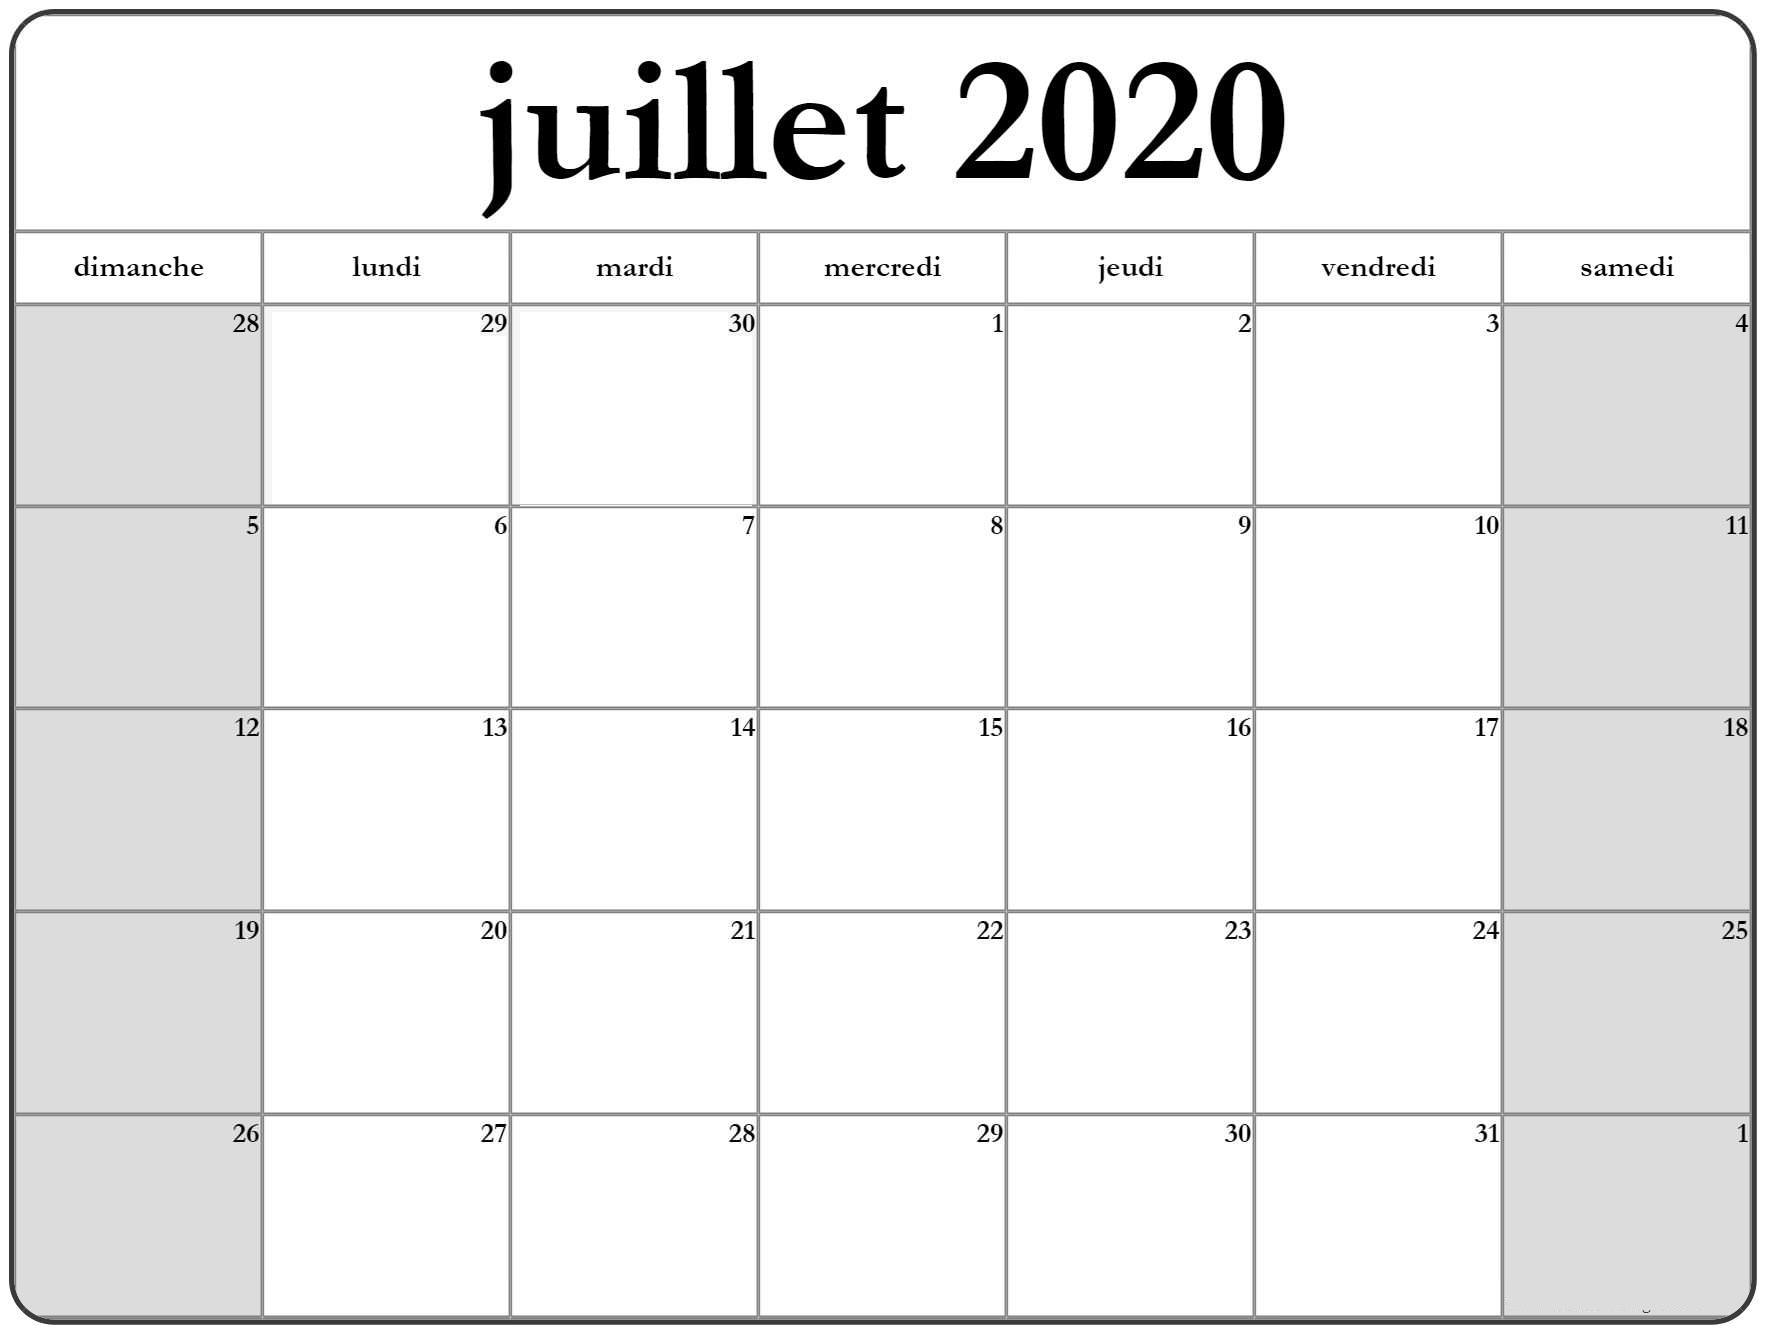 Juillet Calendrier 2020